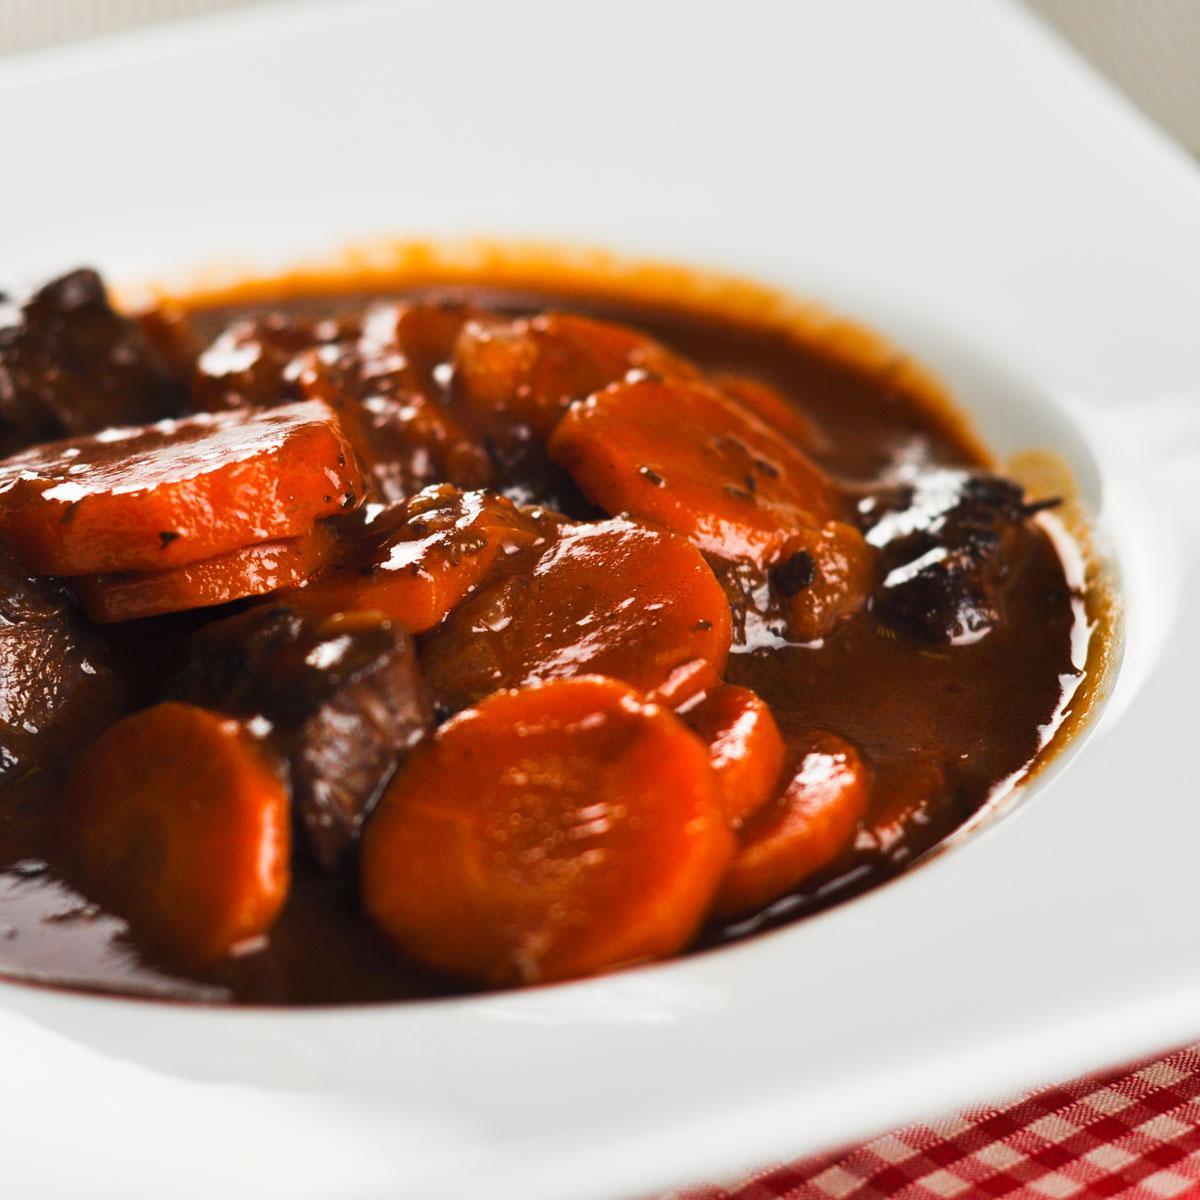 Recette daube de b uf aux carottes cuisine madame figaro - Comment cuisiner des christophines ...